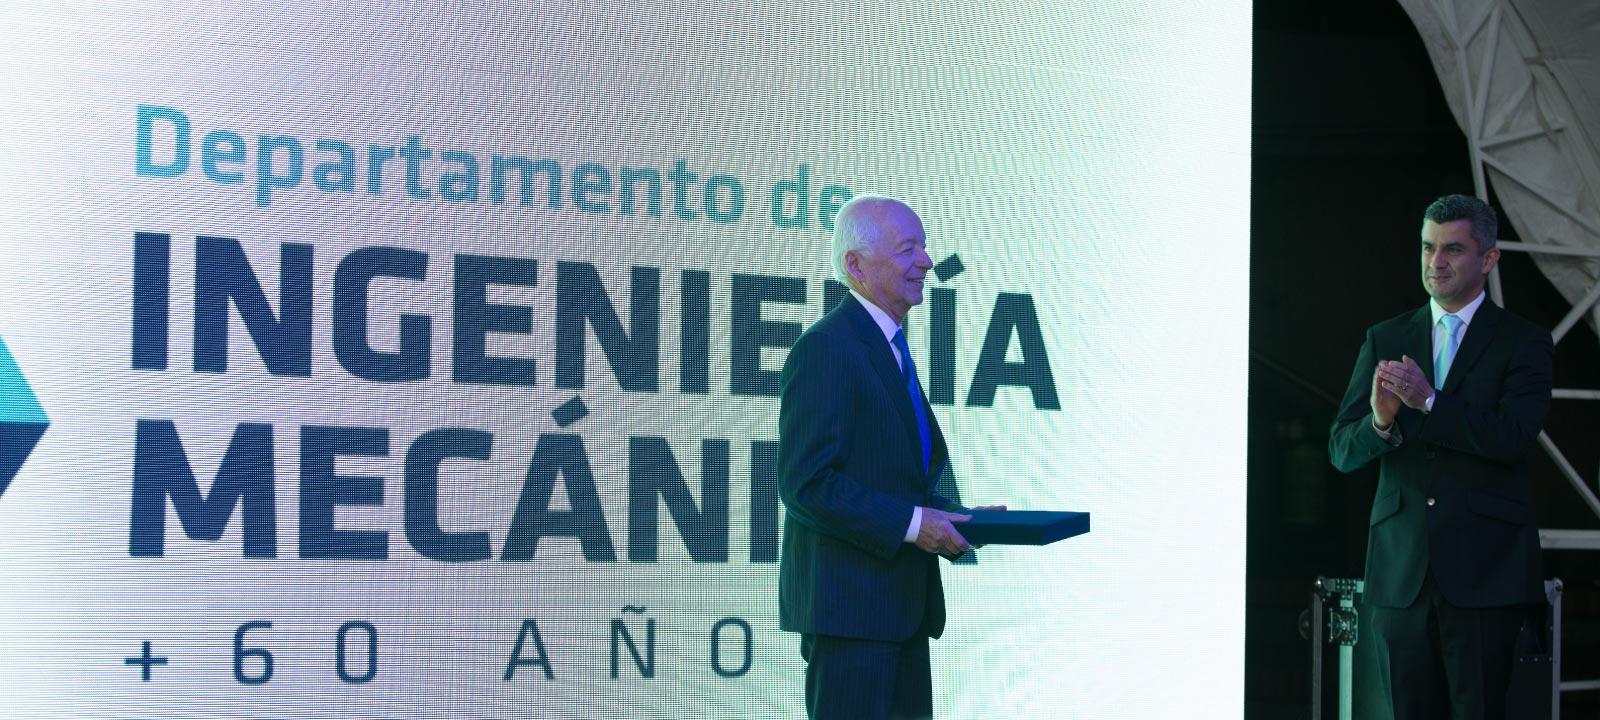 Profesor Rafael Beltrán recibiendo reconocimiento de toda una vida como profesor de la Universidad de los Andes